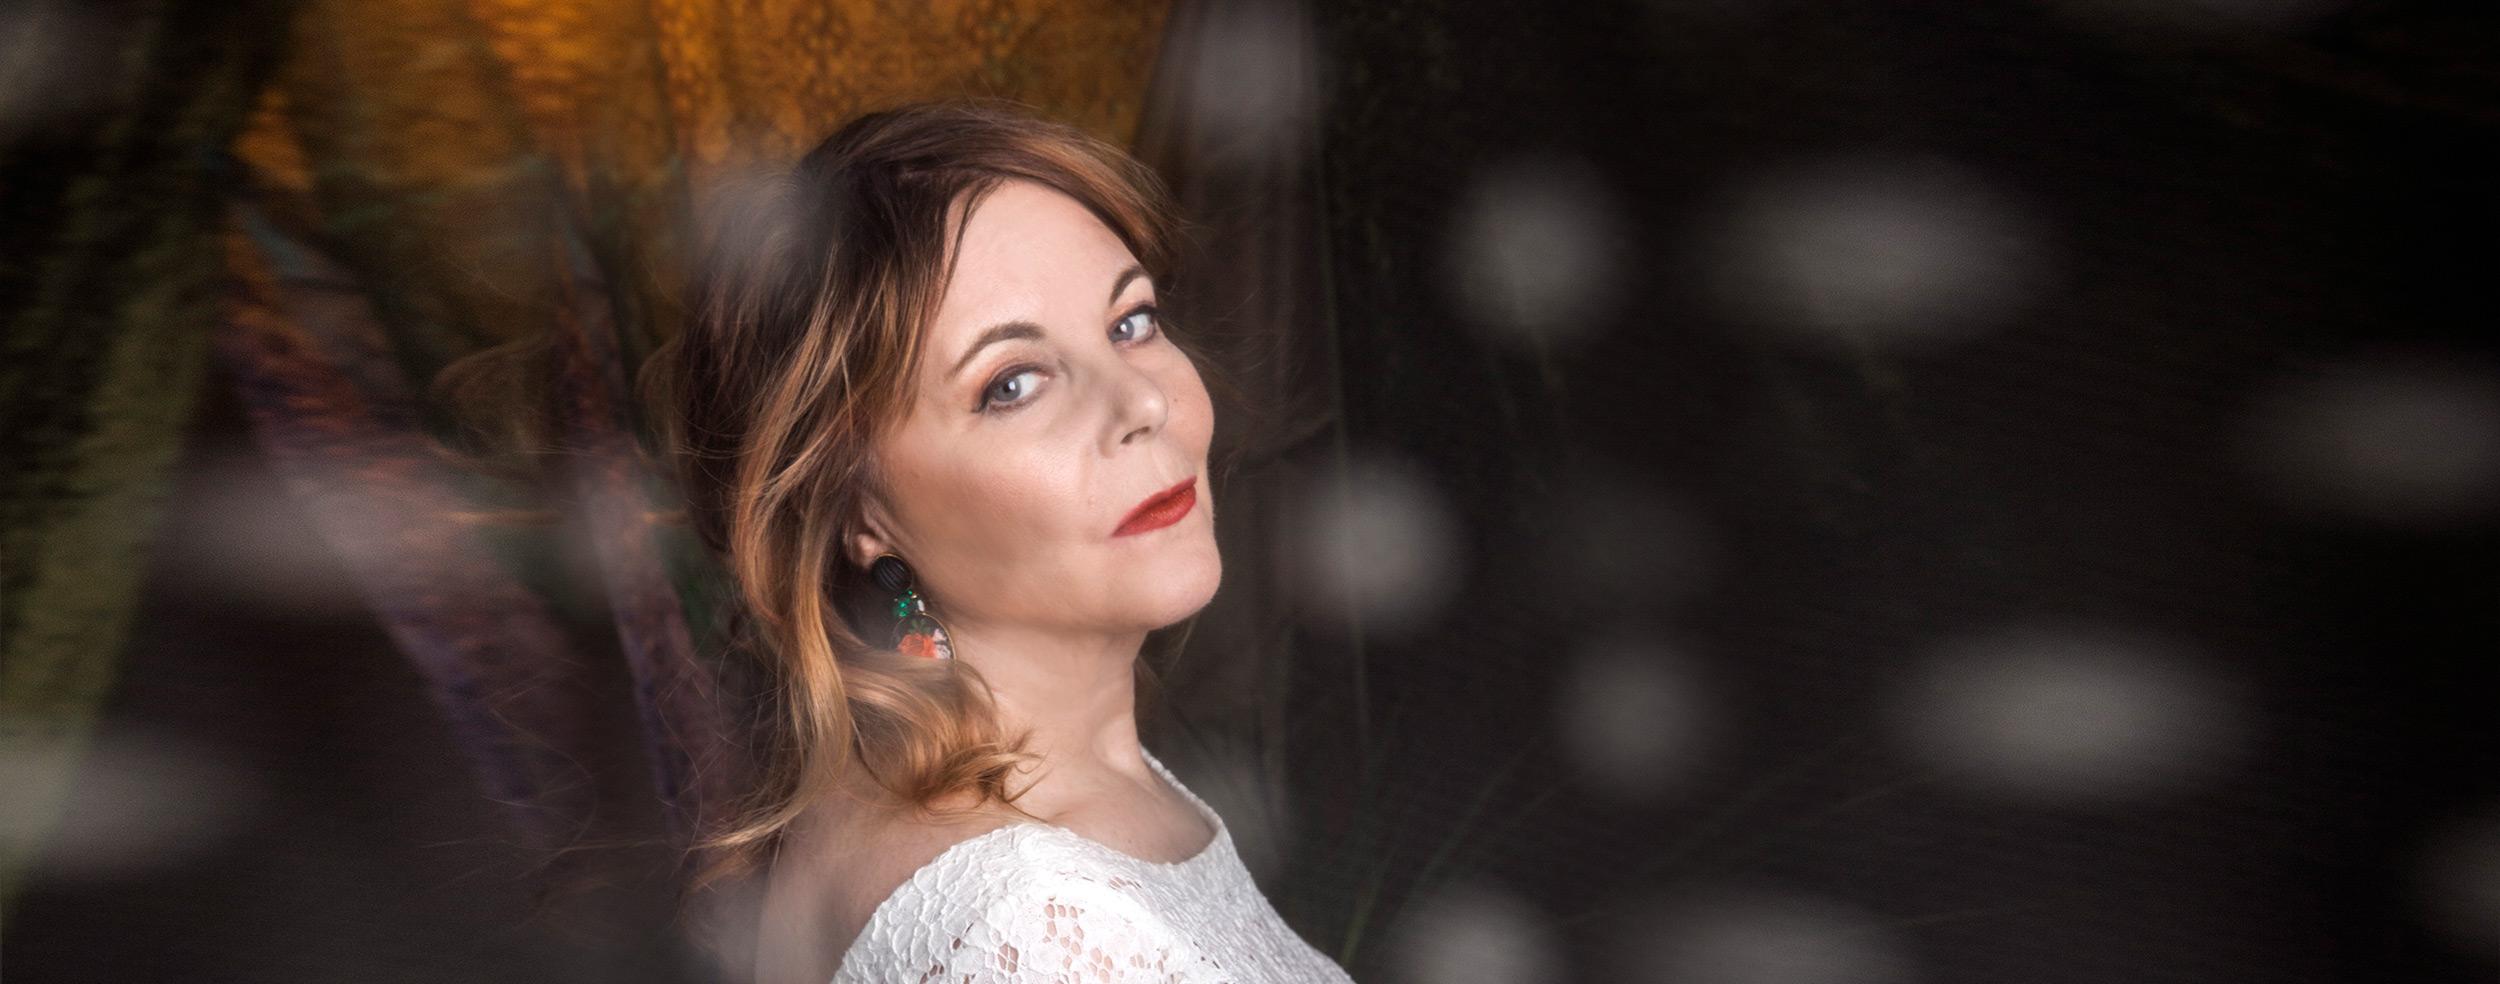 Camilla Ringquist porträttbild